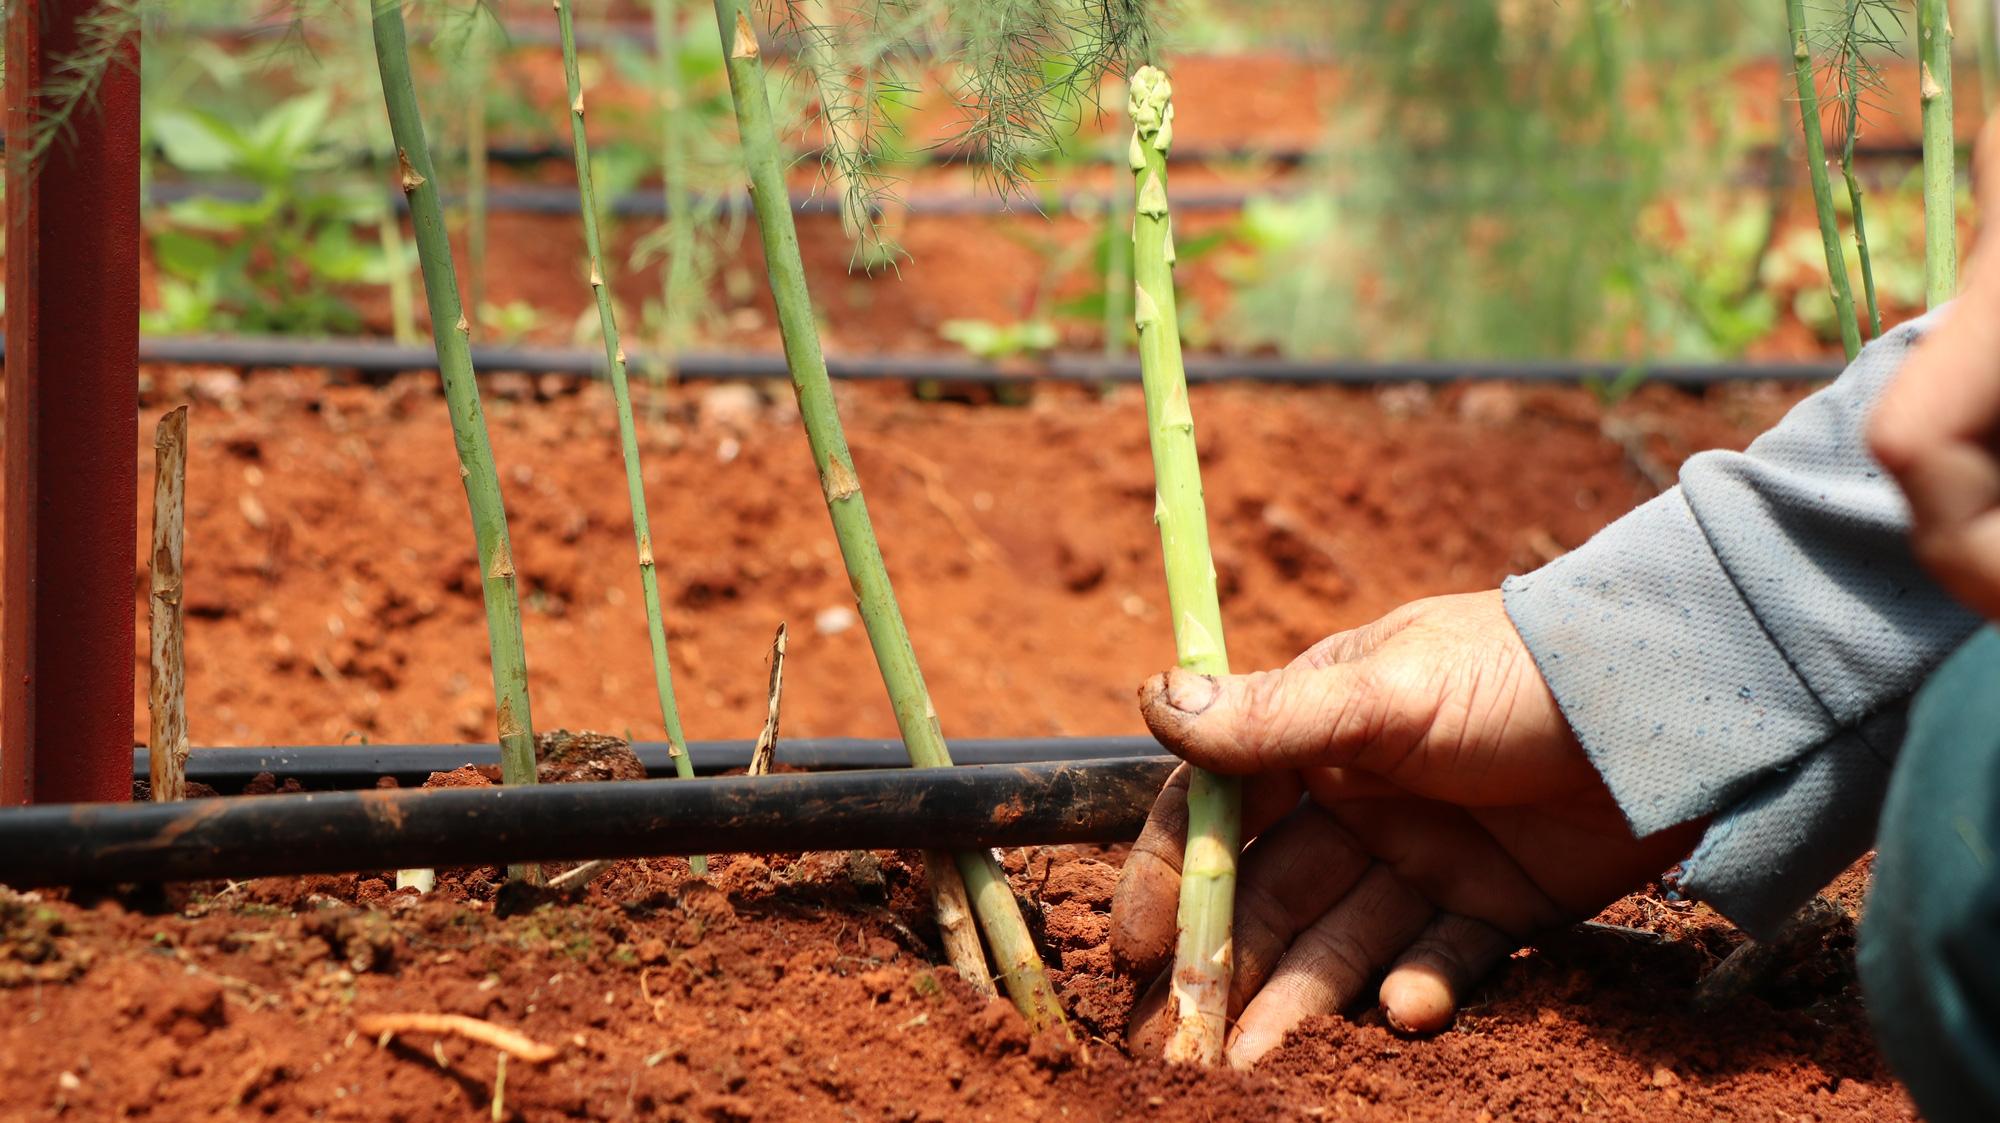 Đánh liều phá cà phê trồng măng tây, mỗi ngày thu 400kg, bán cho thương lái 60.000 đồng/kg - Ảnh 8.